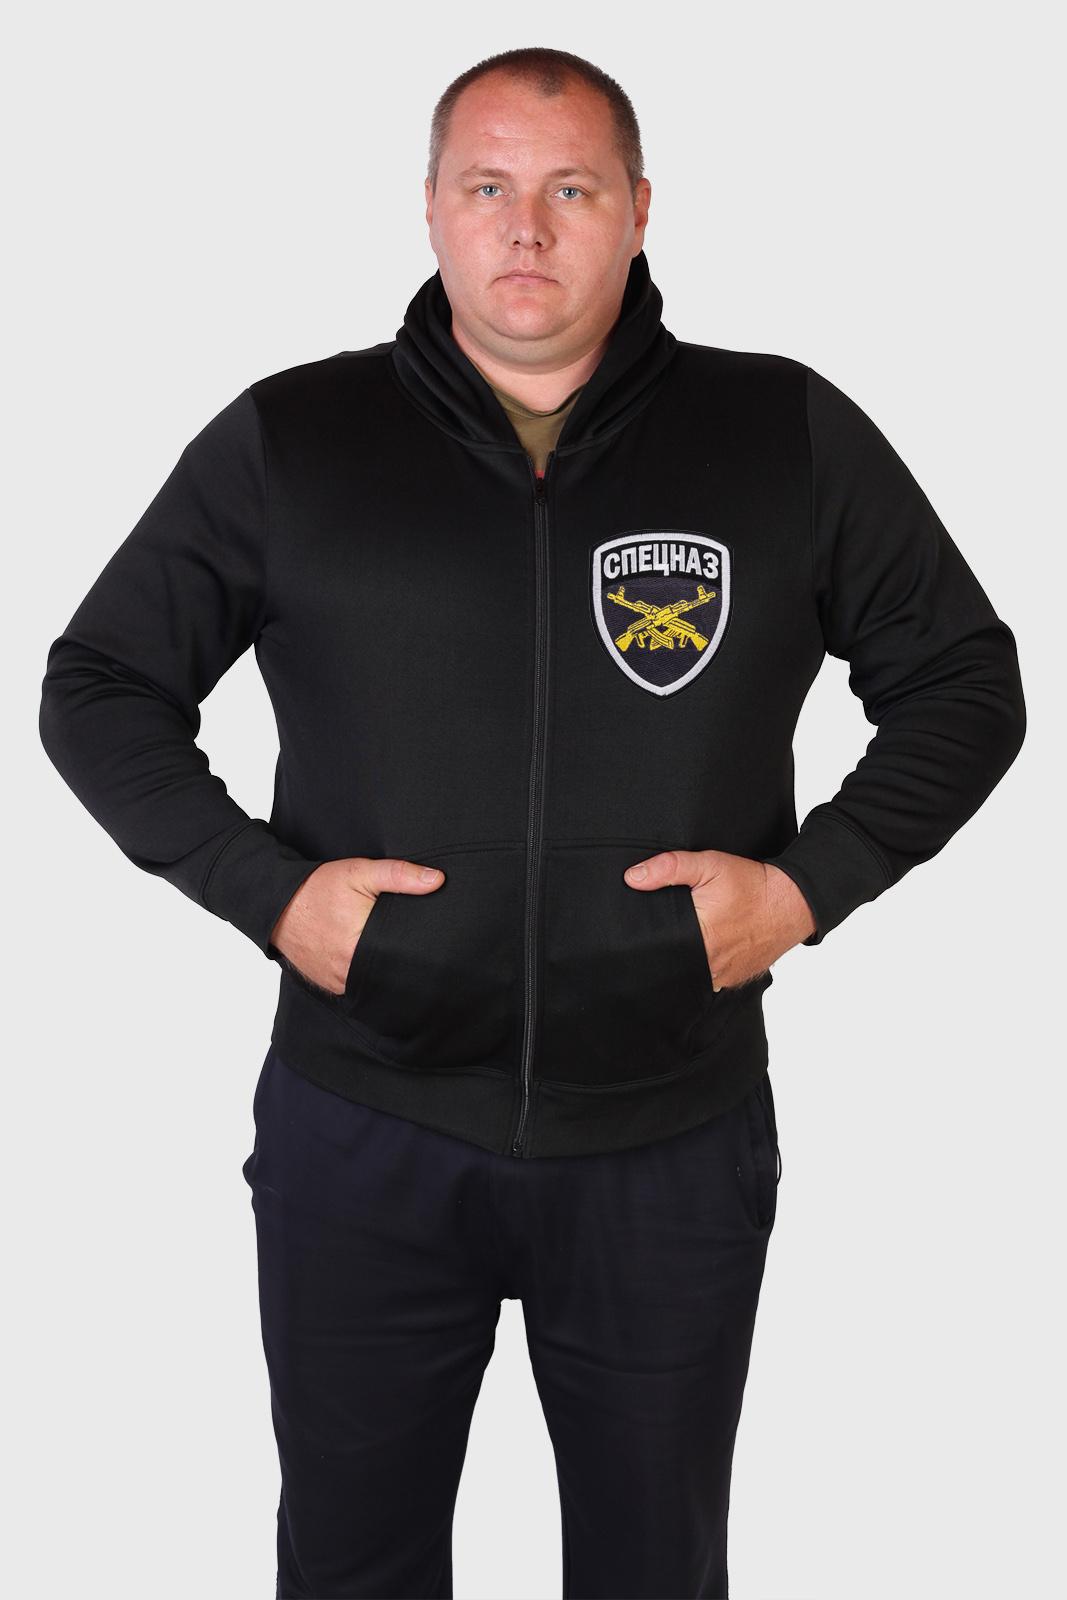 Купить толстовку Спецназа на молнии с капюшоном